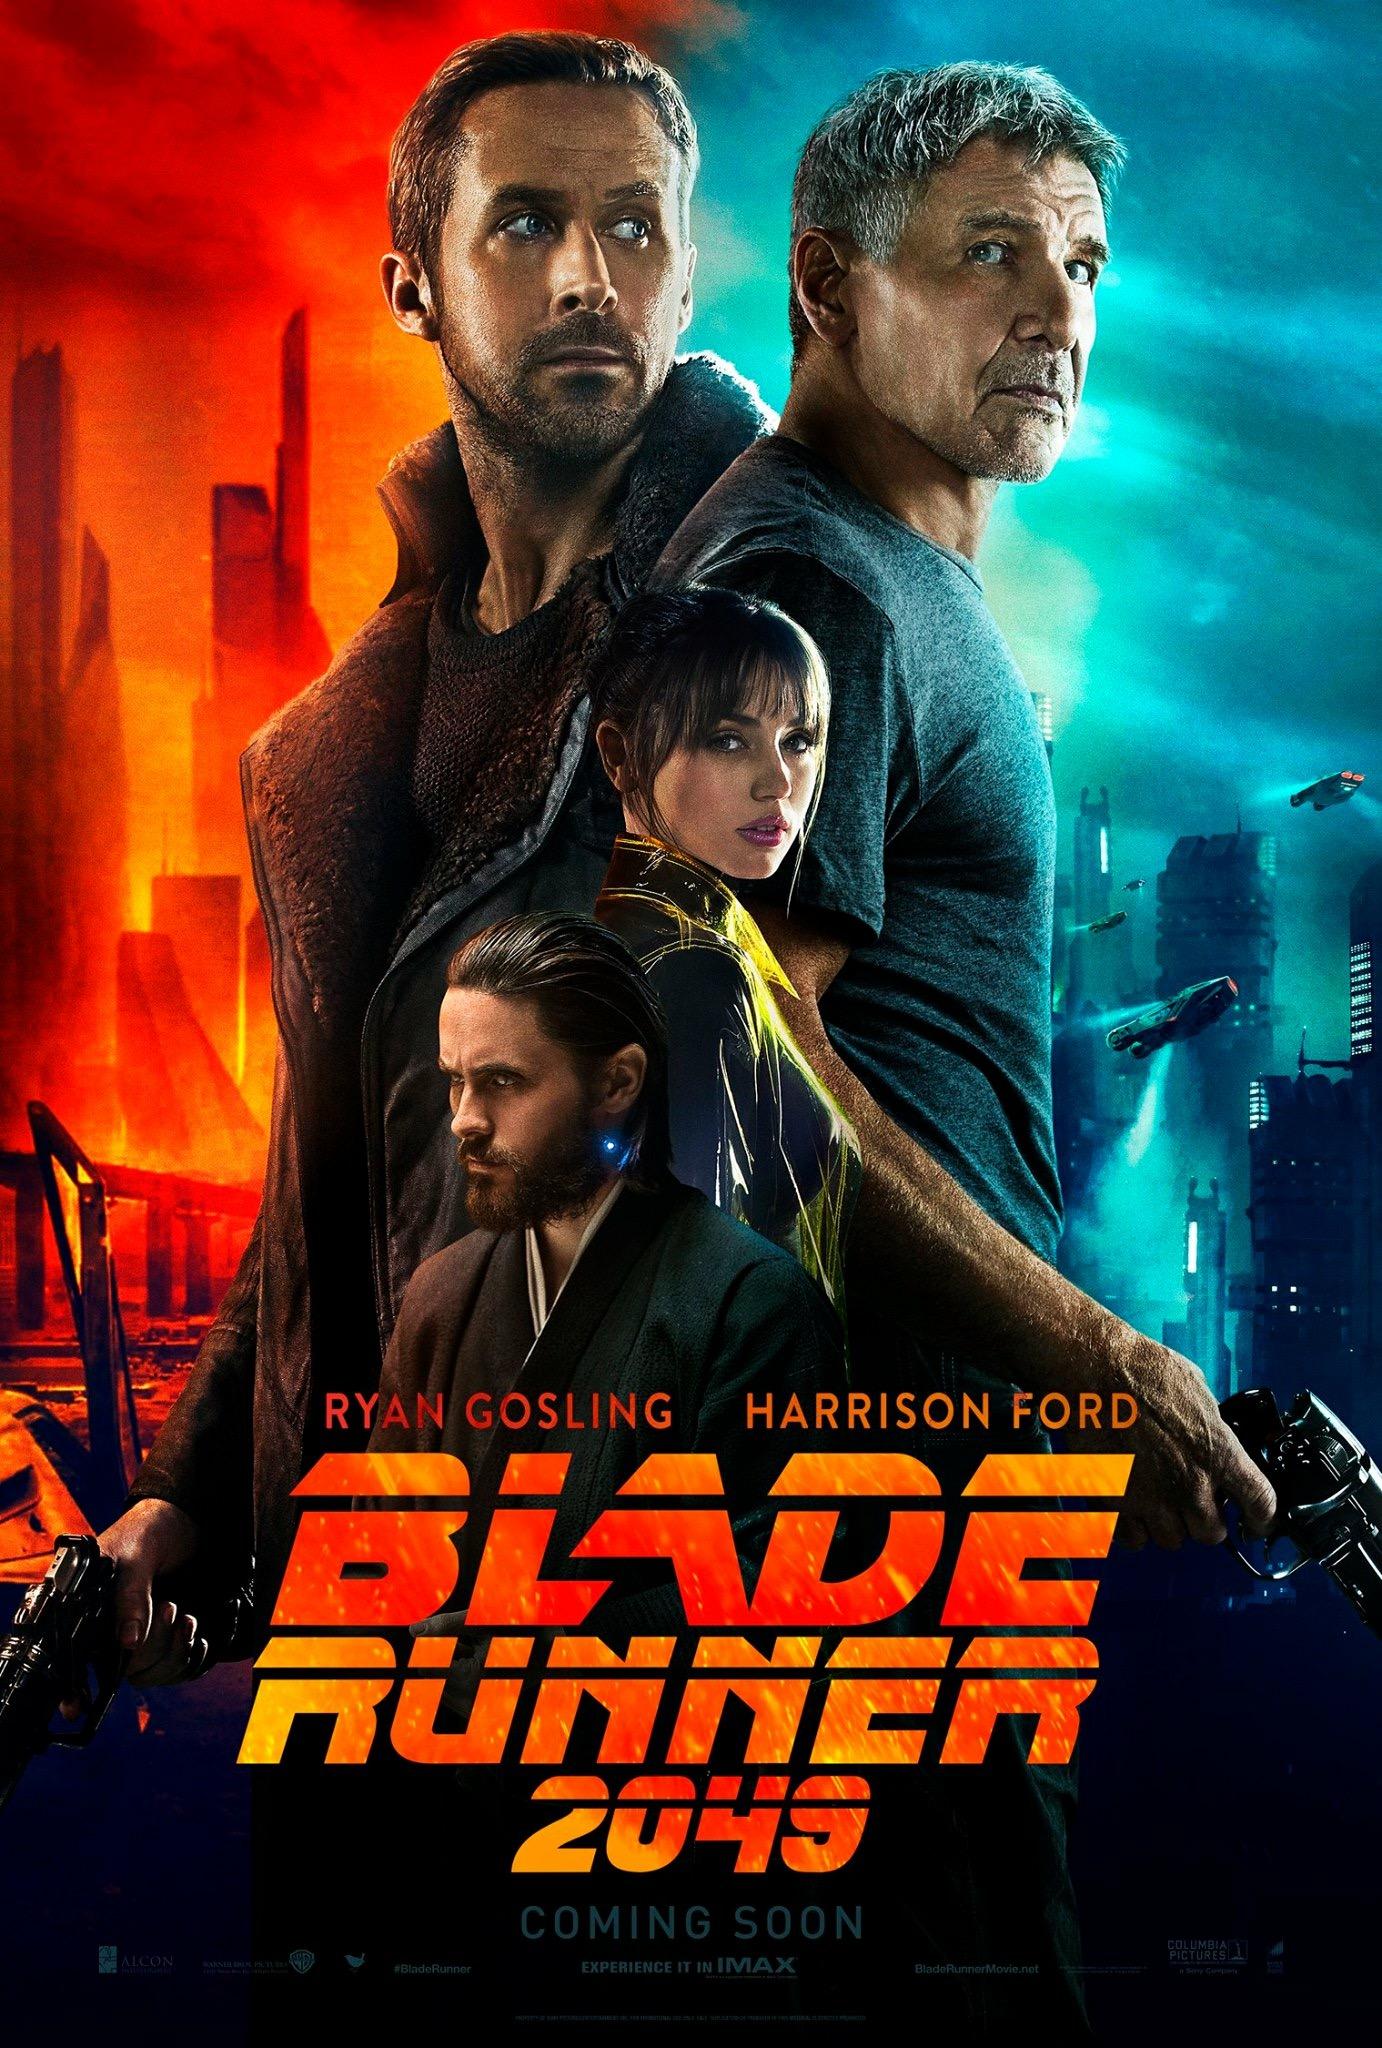 Poster do filme contendo os personagens K, Deckard, Joi e Wallace, nessa ordem de cima para baixo e também em tamanho (cada vez menores), sobre o nome do filme. O fundo é laranja e ciano.